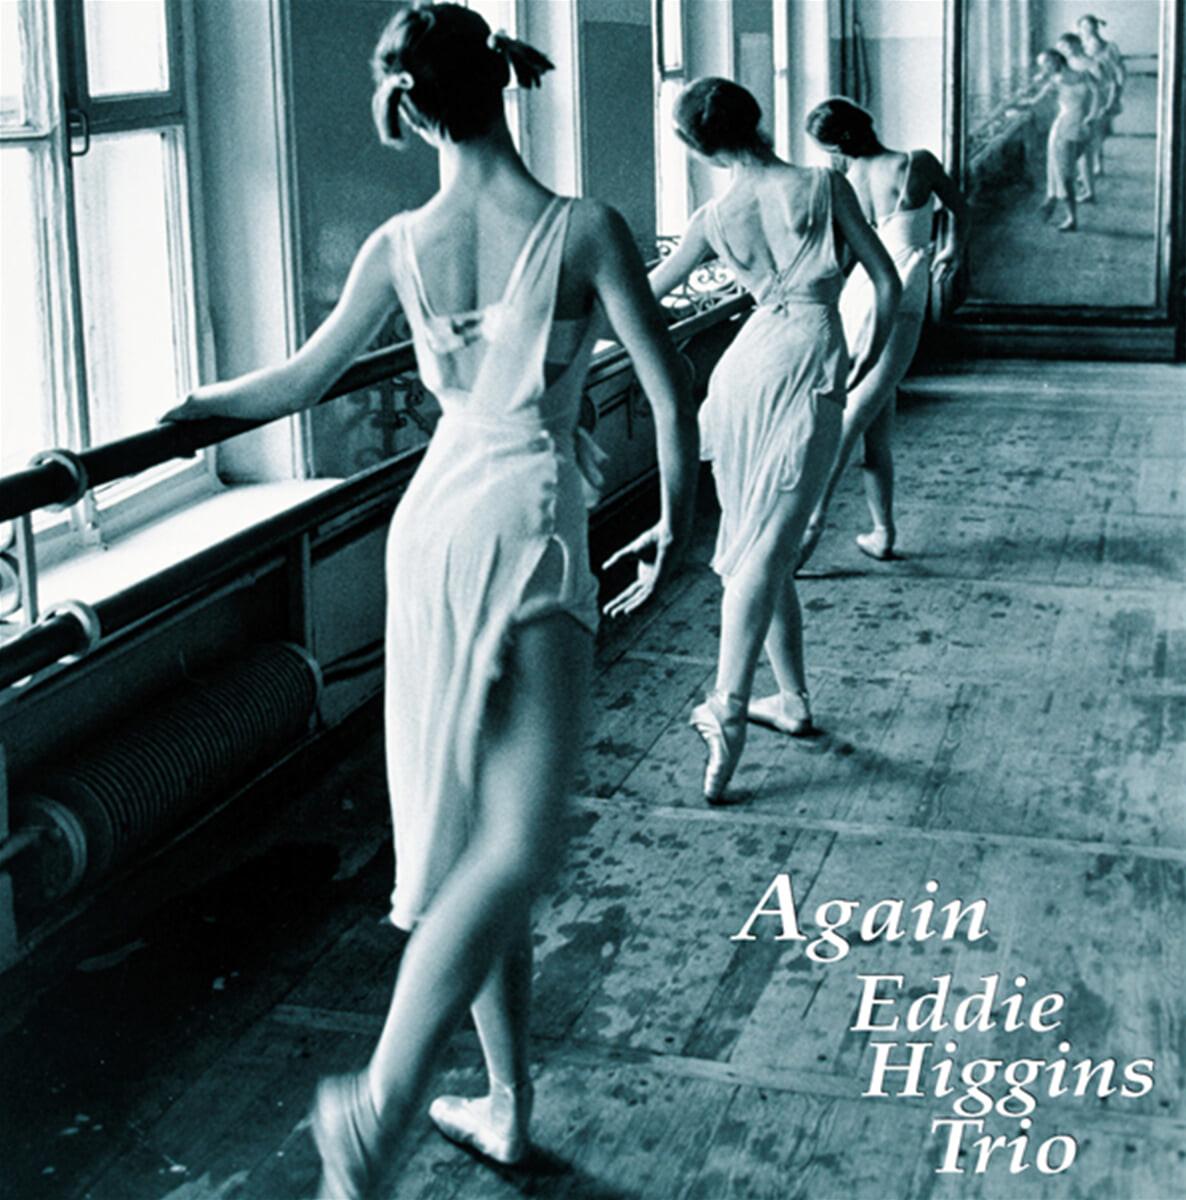 Eddie Higgins Trio (에디 히긴스 트리오) - Again [LP]